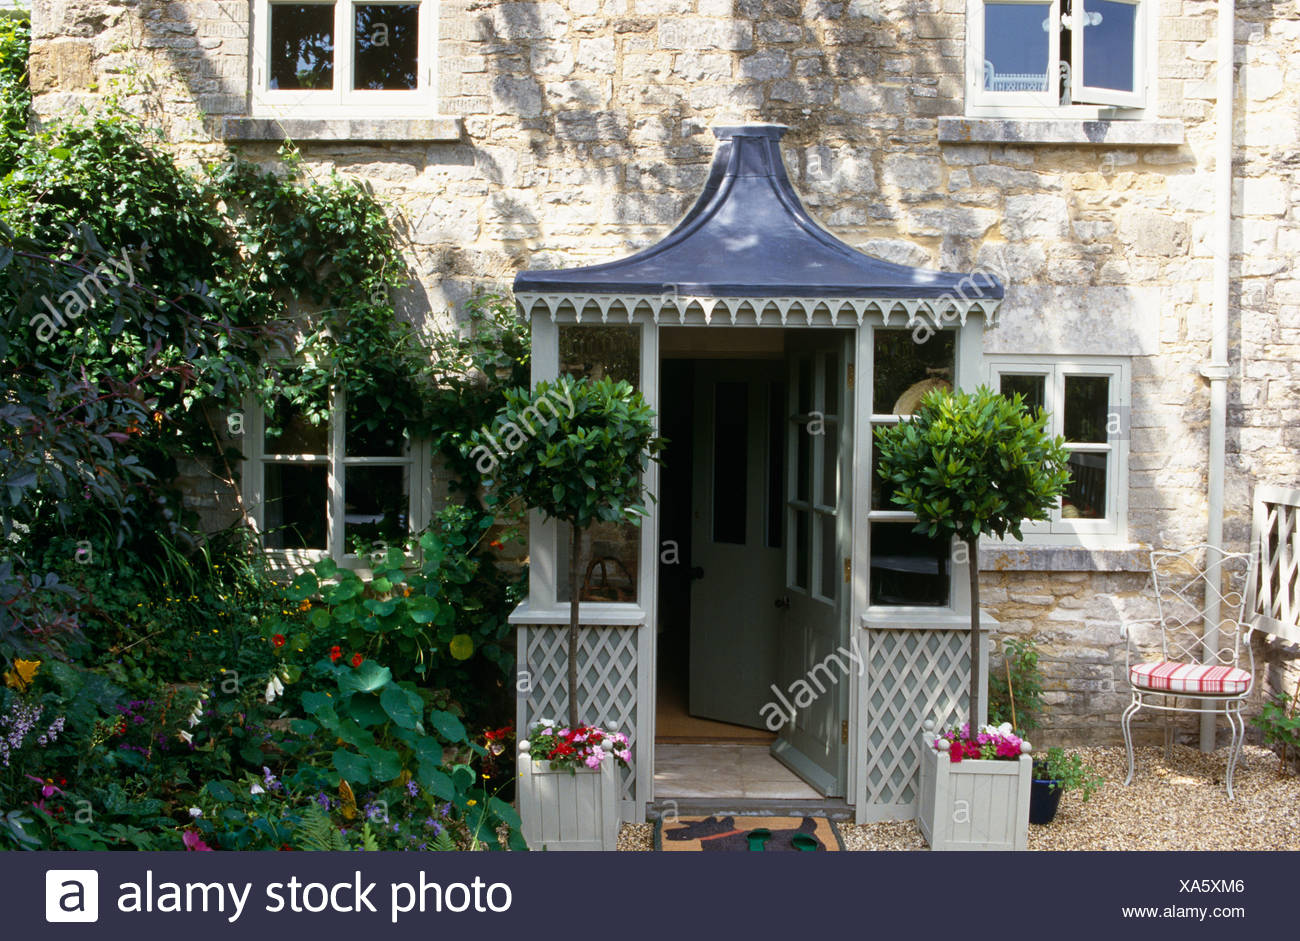 Esterno del cottage in pietra con piante di alloro in fioriere su